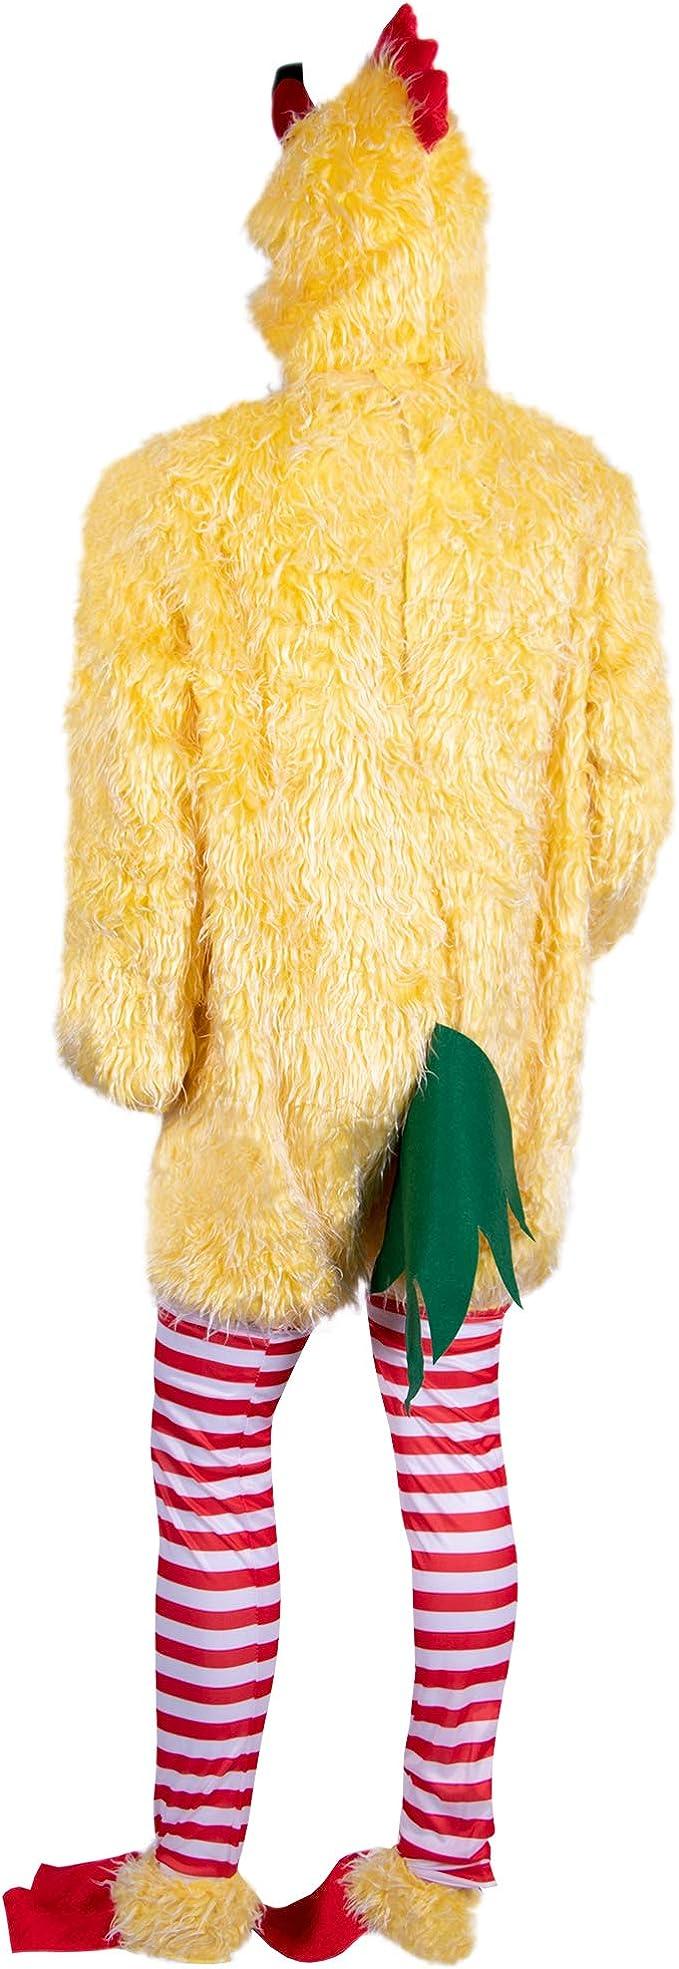 Amazon.com: Boo Inc. Disfraz de pollo para Halloween, para ...